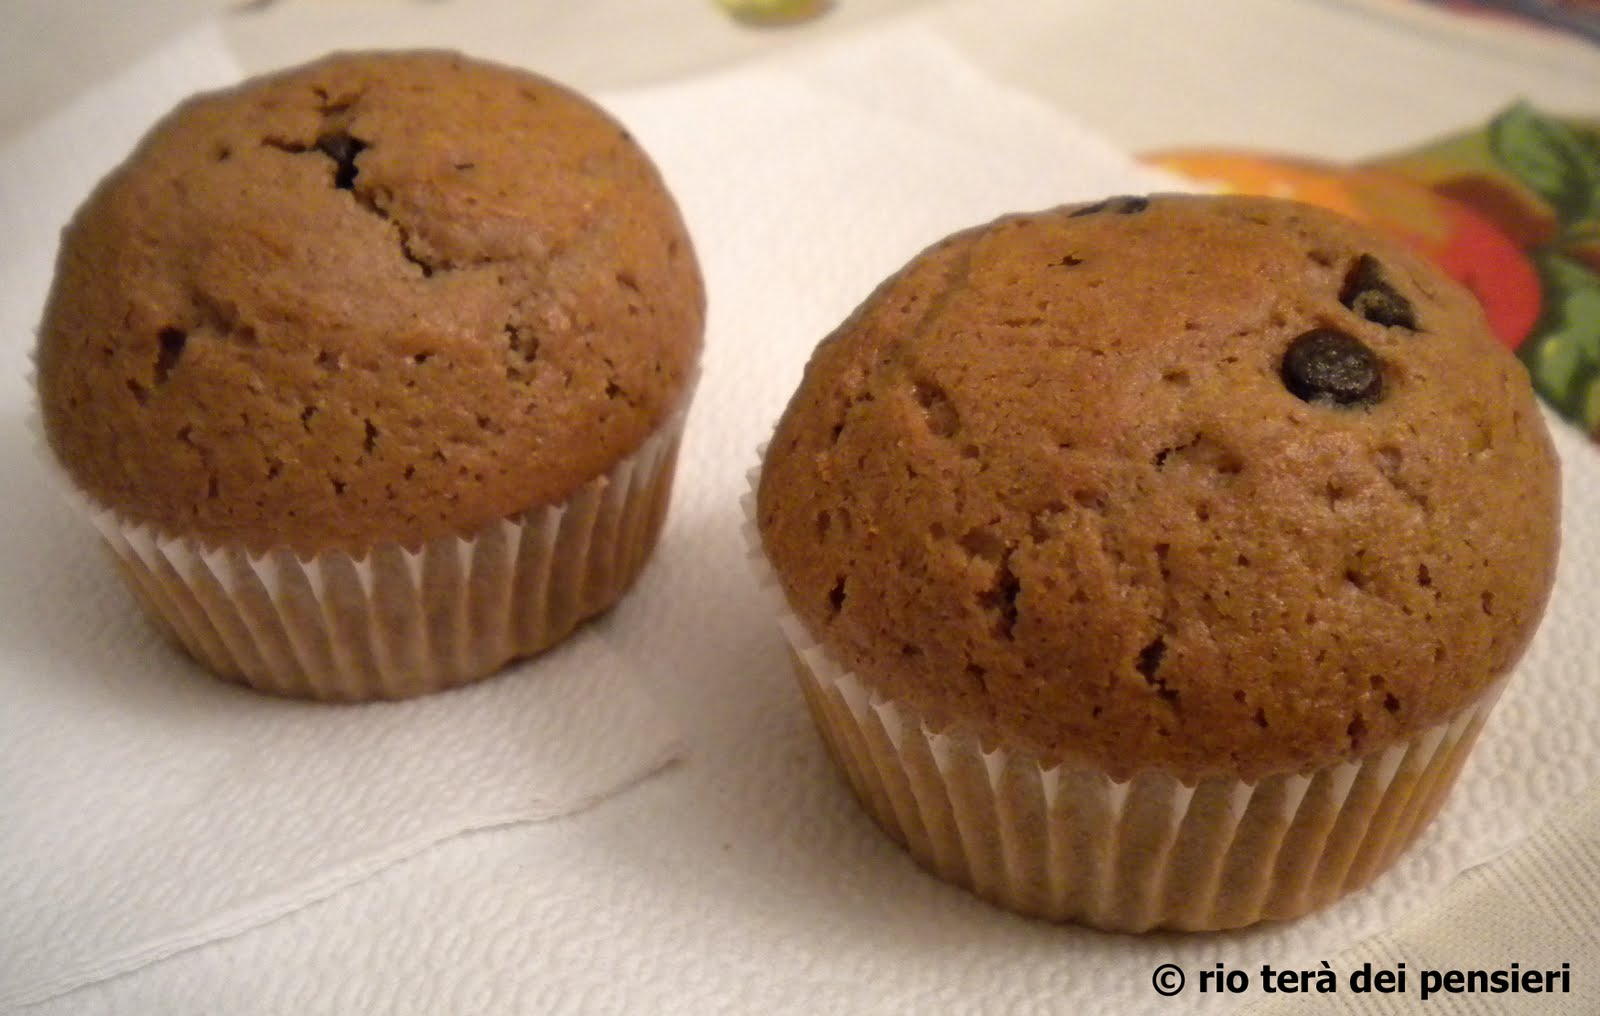 muffin-2Bal-2Bcioccolato-2Bcon-2Bgocce-2Bdi-2Bcioccolato